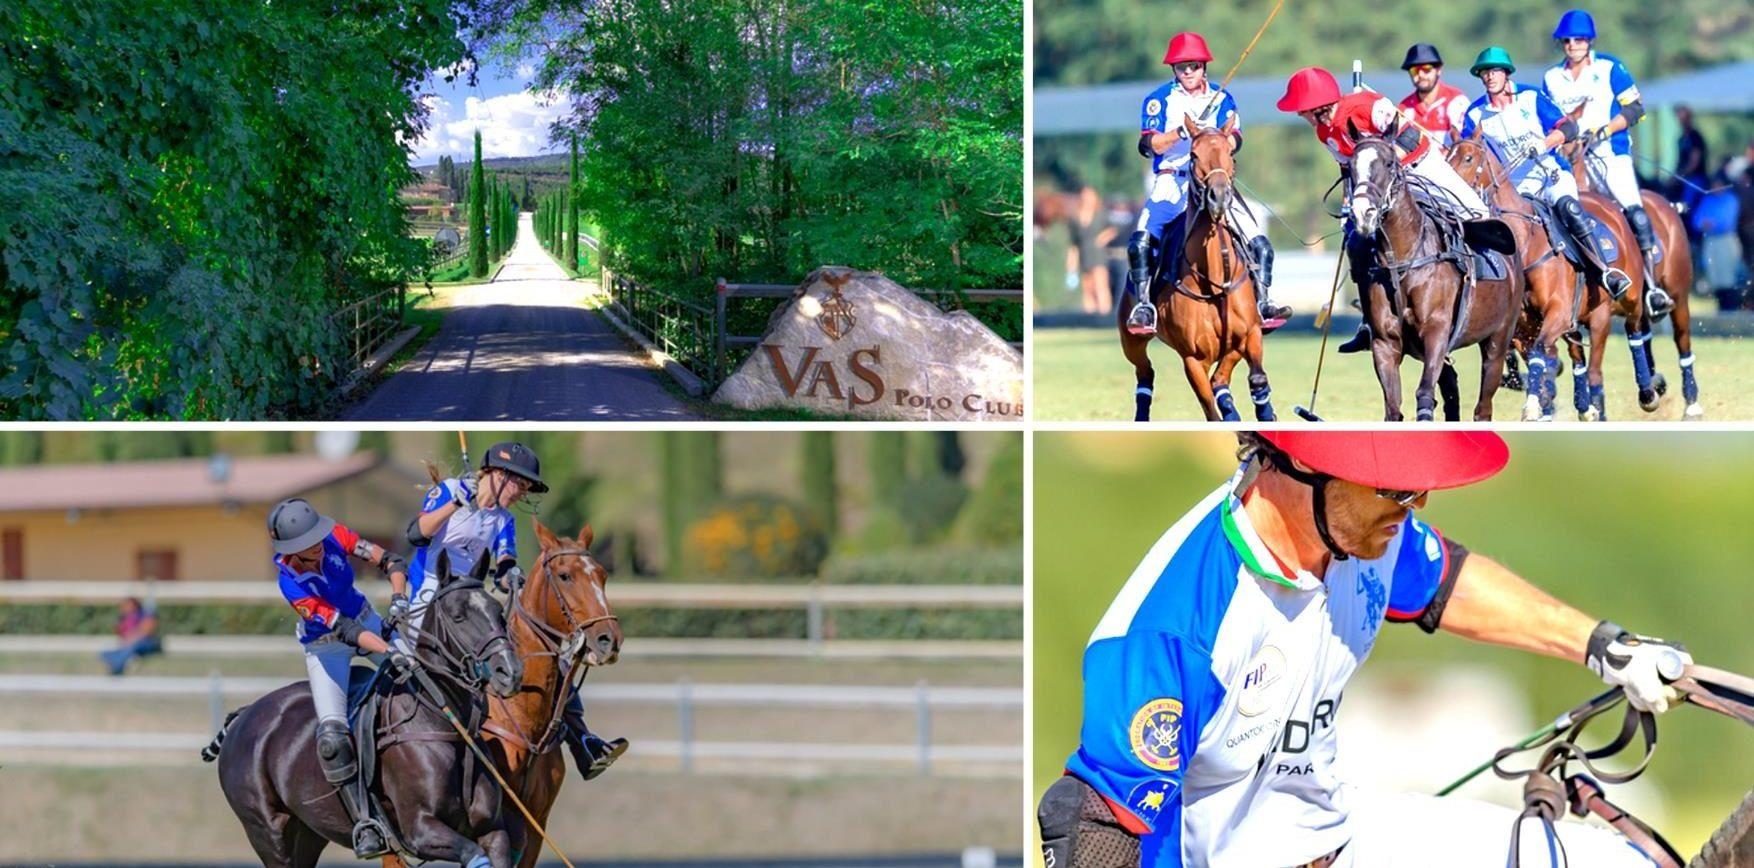 2 polo e1539255499251 - FIP - Campionati Europei di Polo